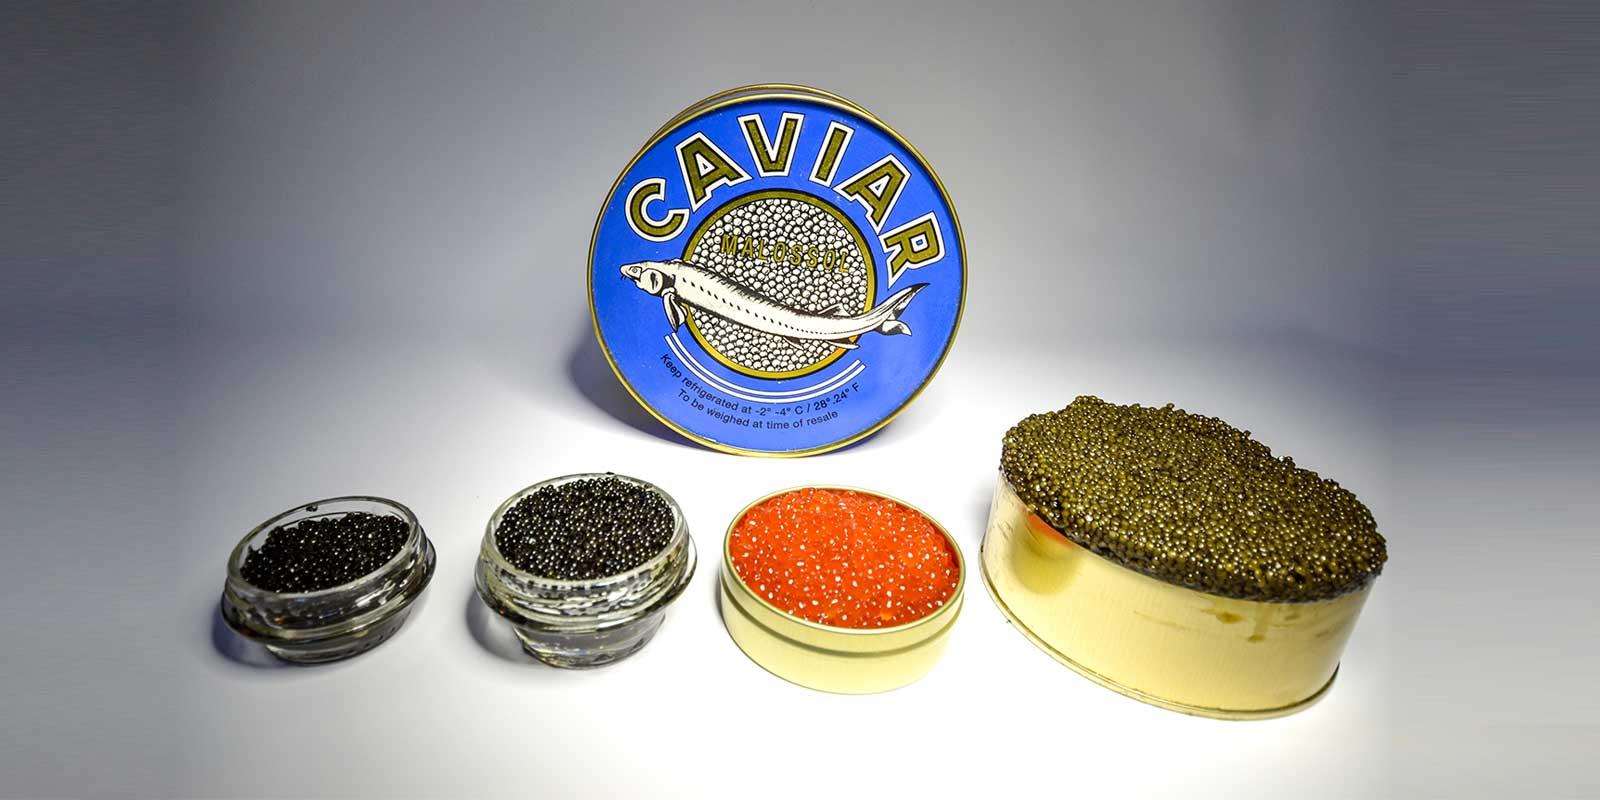 caviar-slide-1